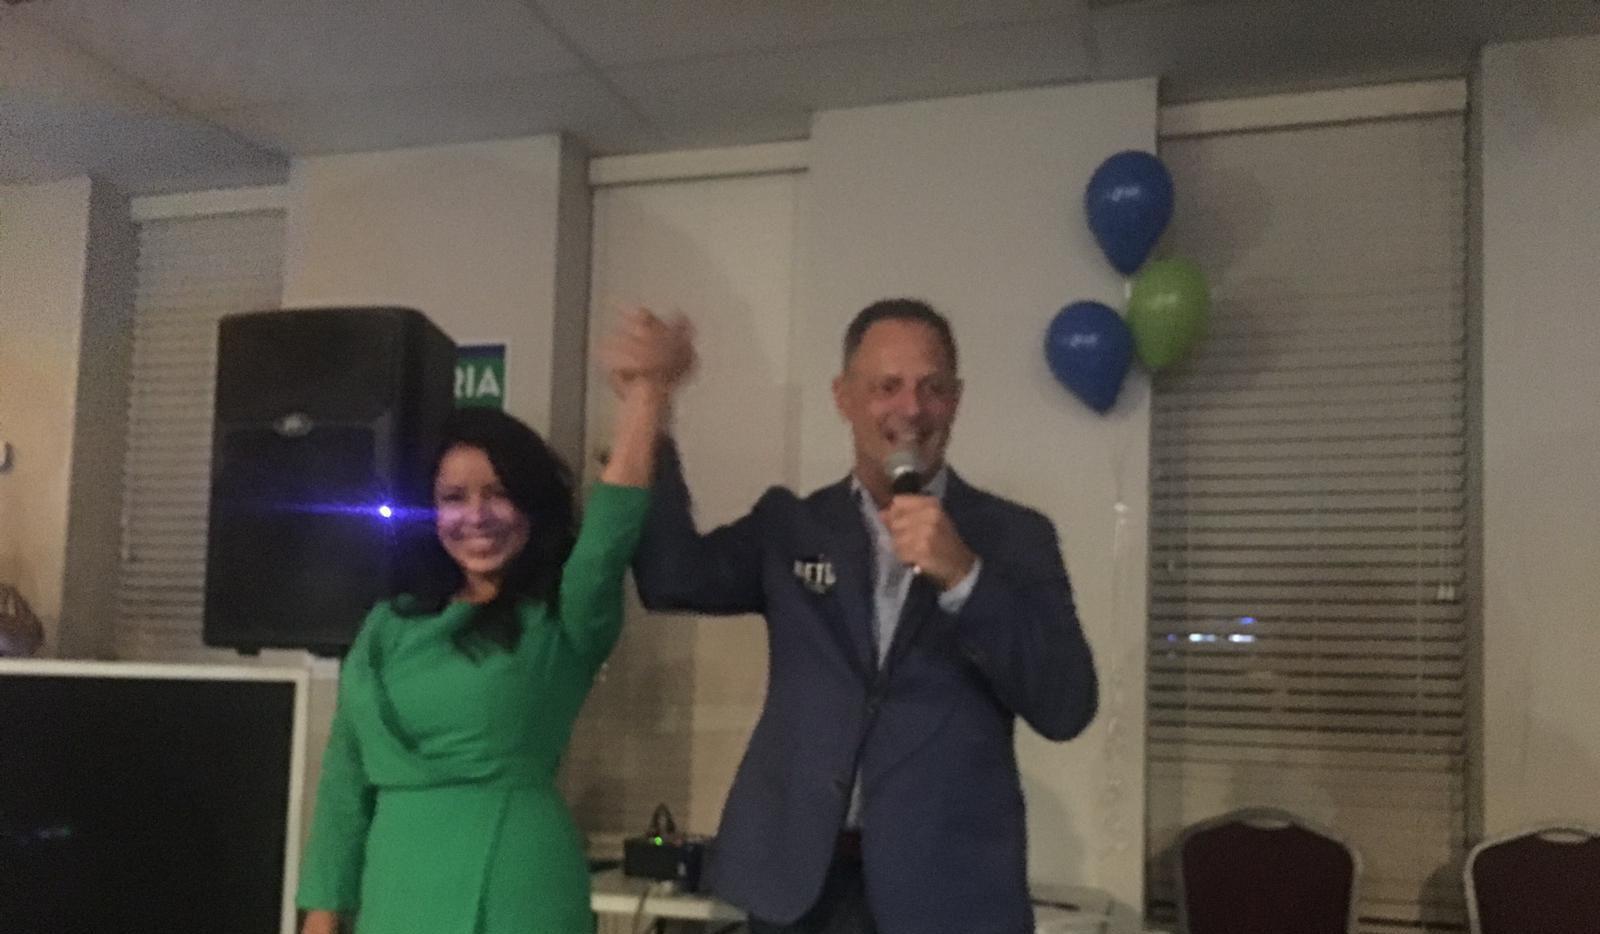 Victoria Neave junto a Rafael Anchía, líder de la oposición demócrata en la Legislatura. Neave aseguró su reelección el martes. Foto: JENNY MANRIQUE/AL DÍA